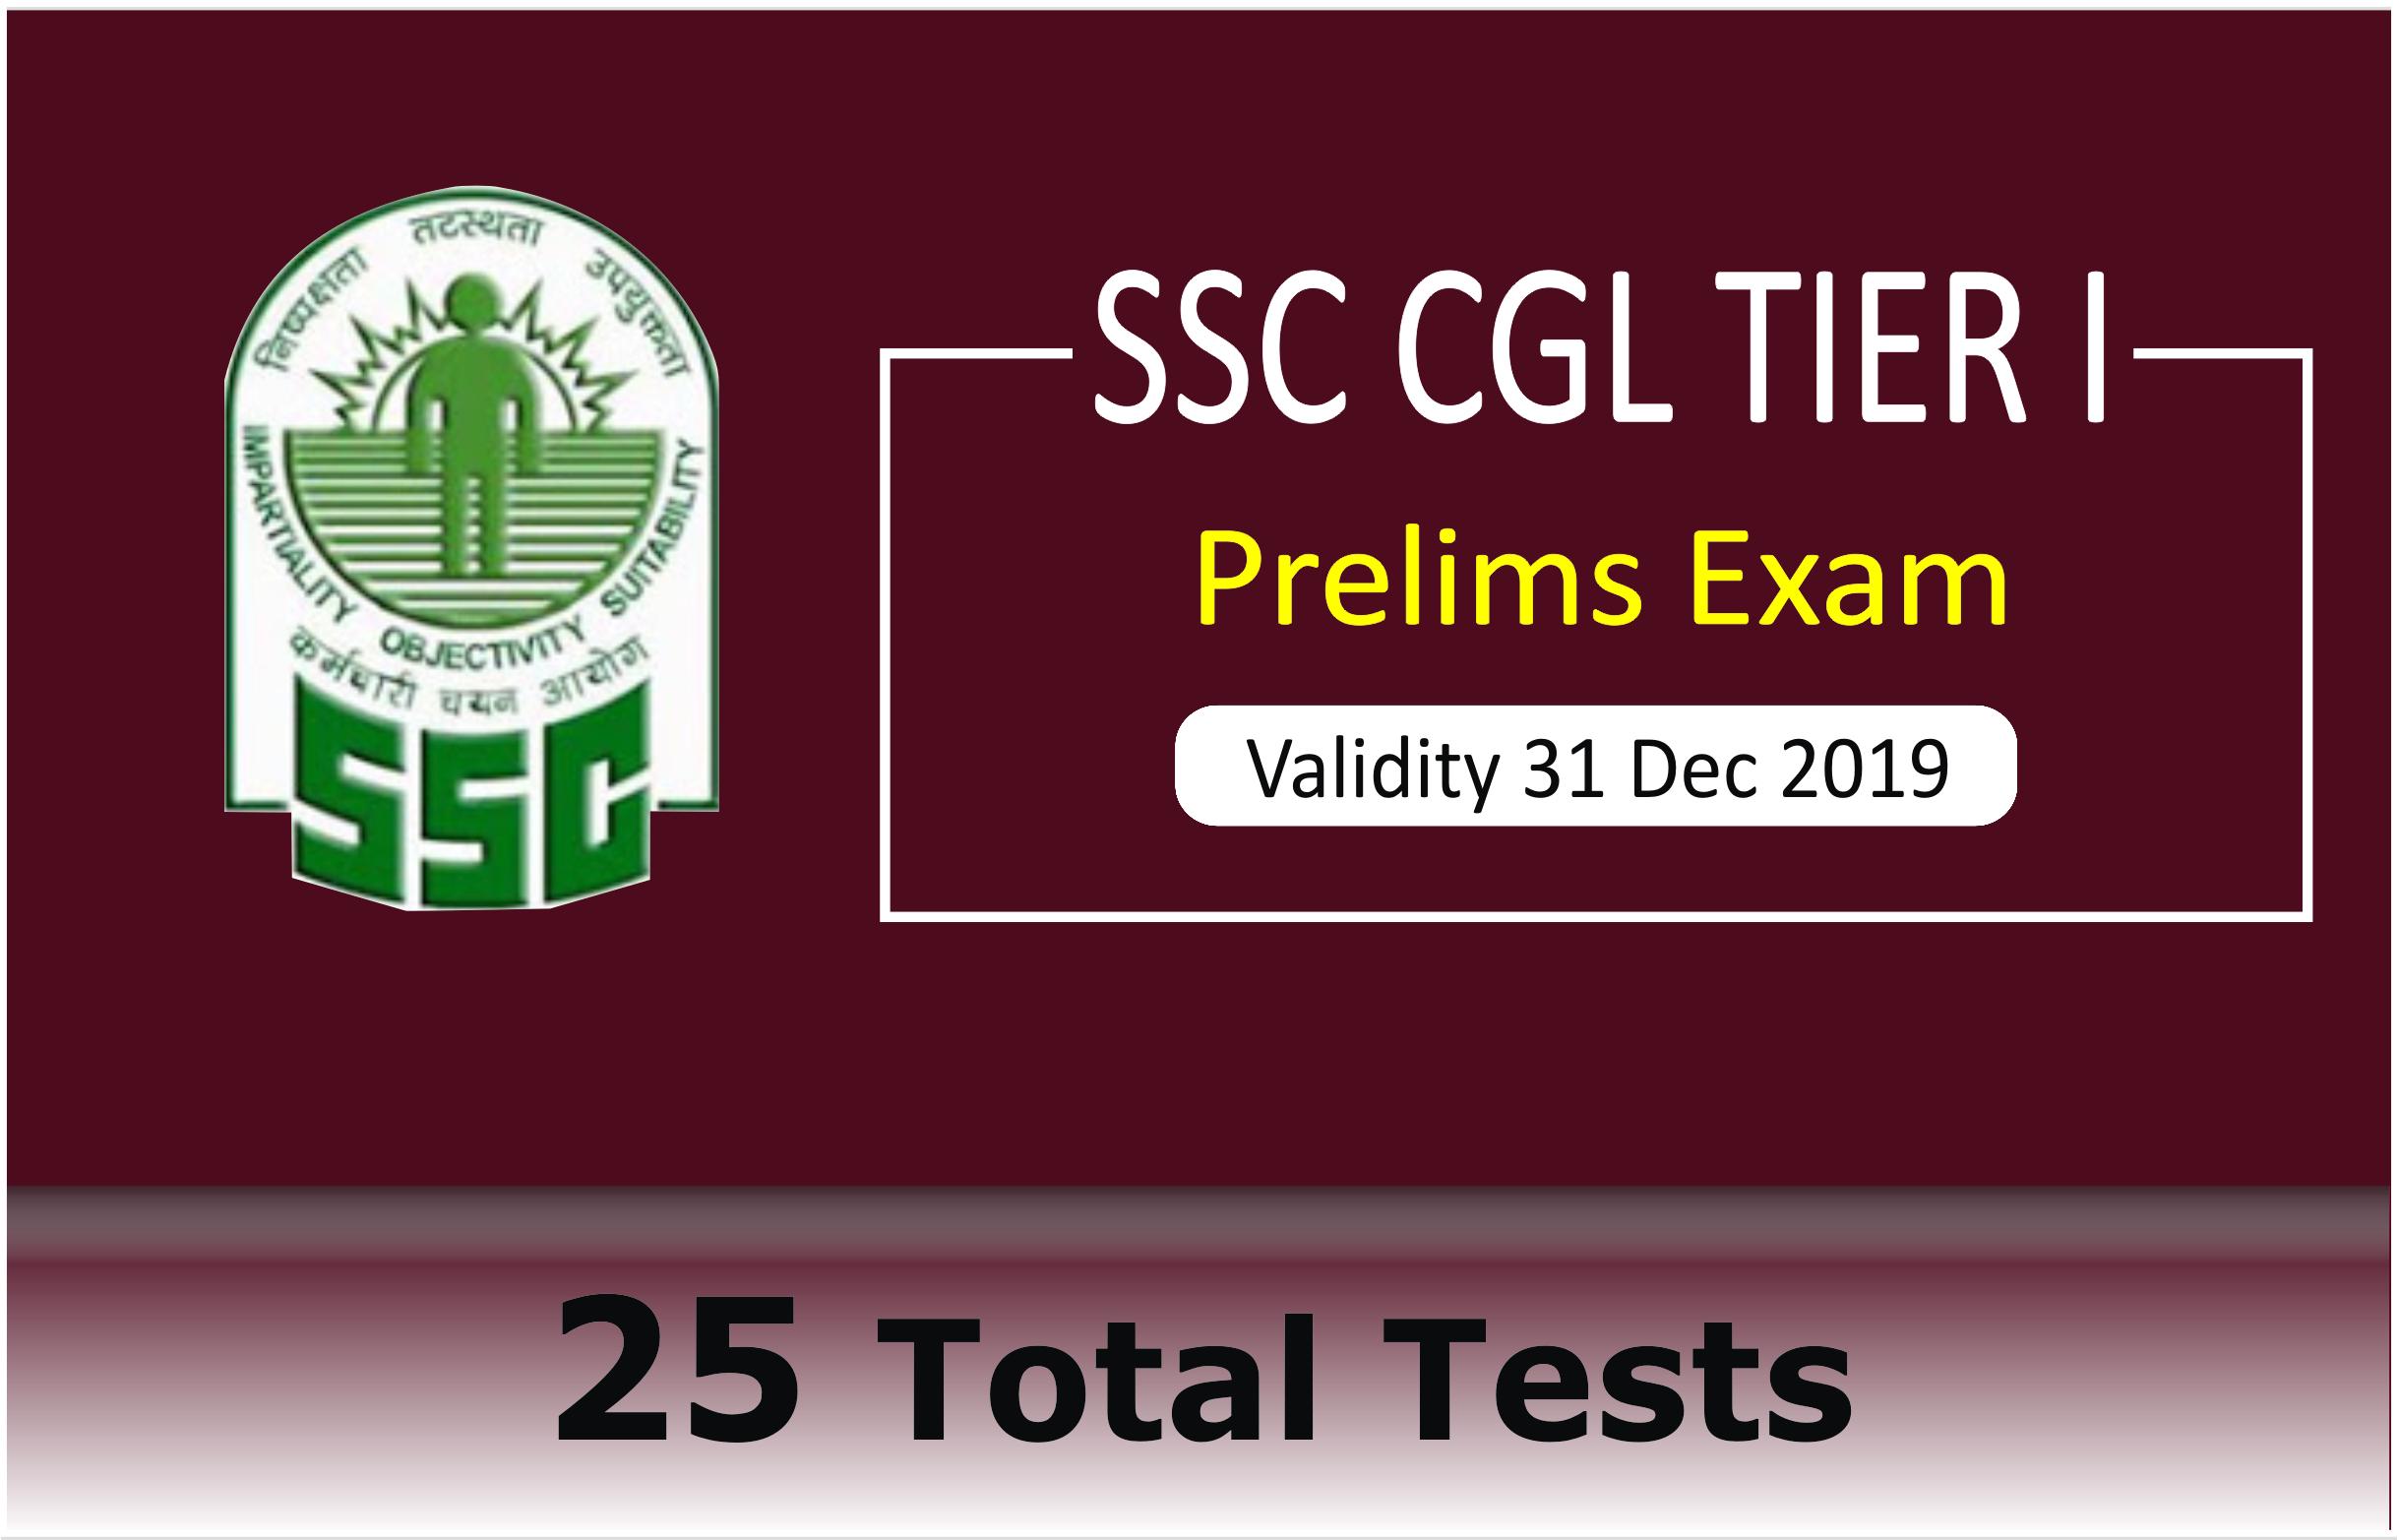 SSC CGL TIER I 2019